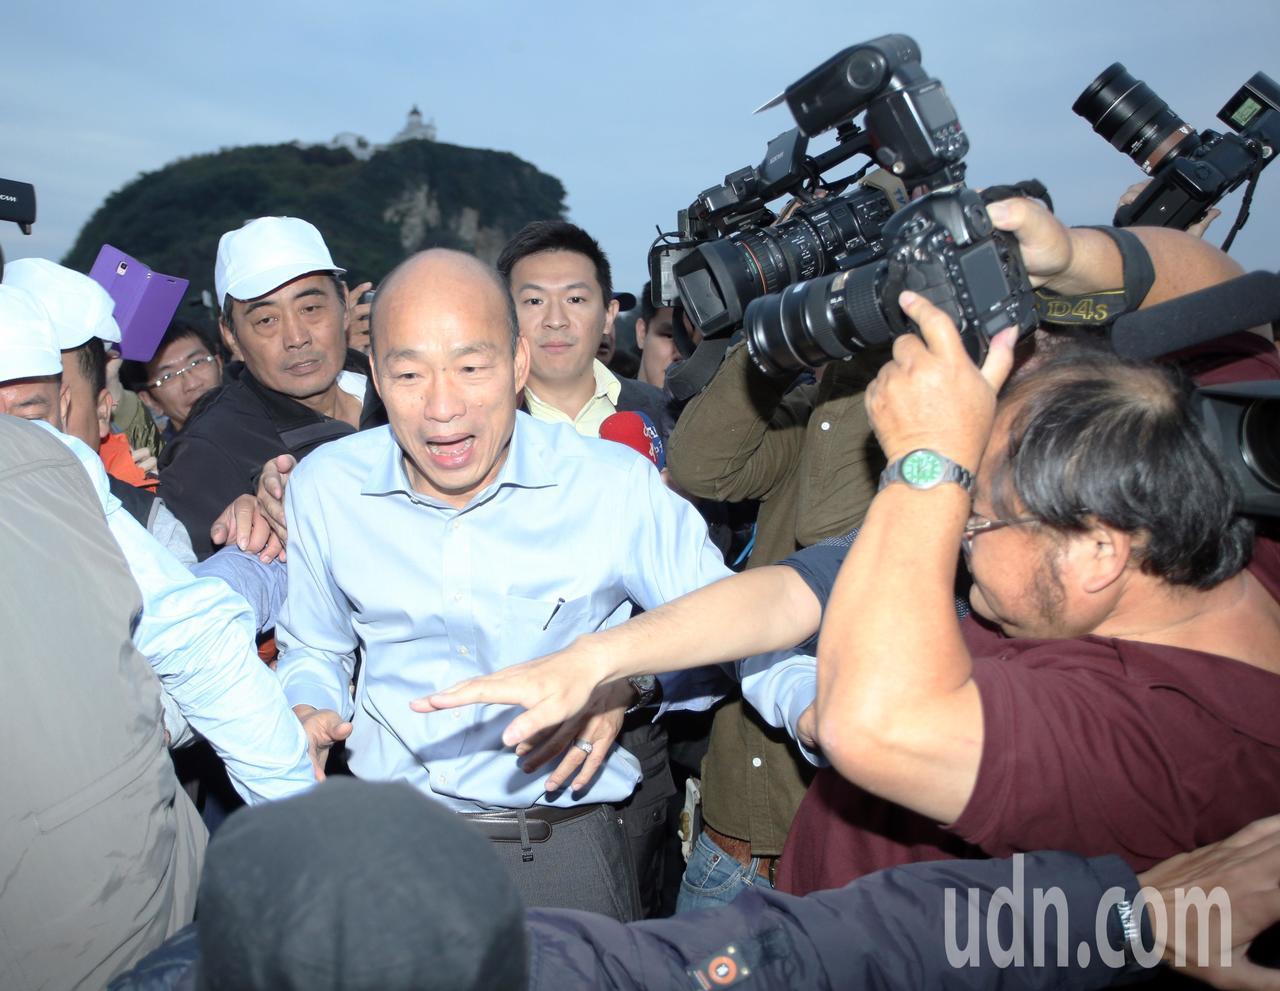 新任高雄市長韓國瑜到西子灣看夕陽媒體擠爆。記者劉學聖/攝影